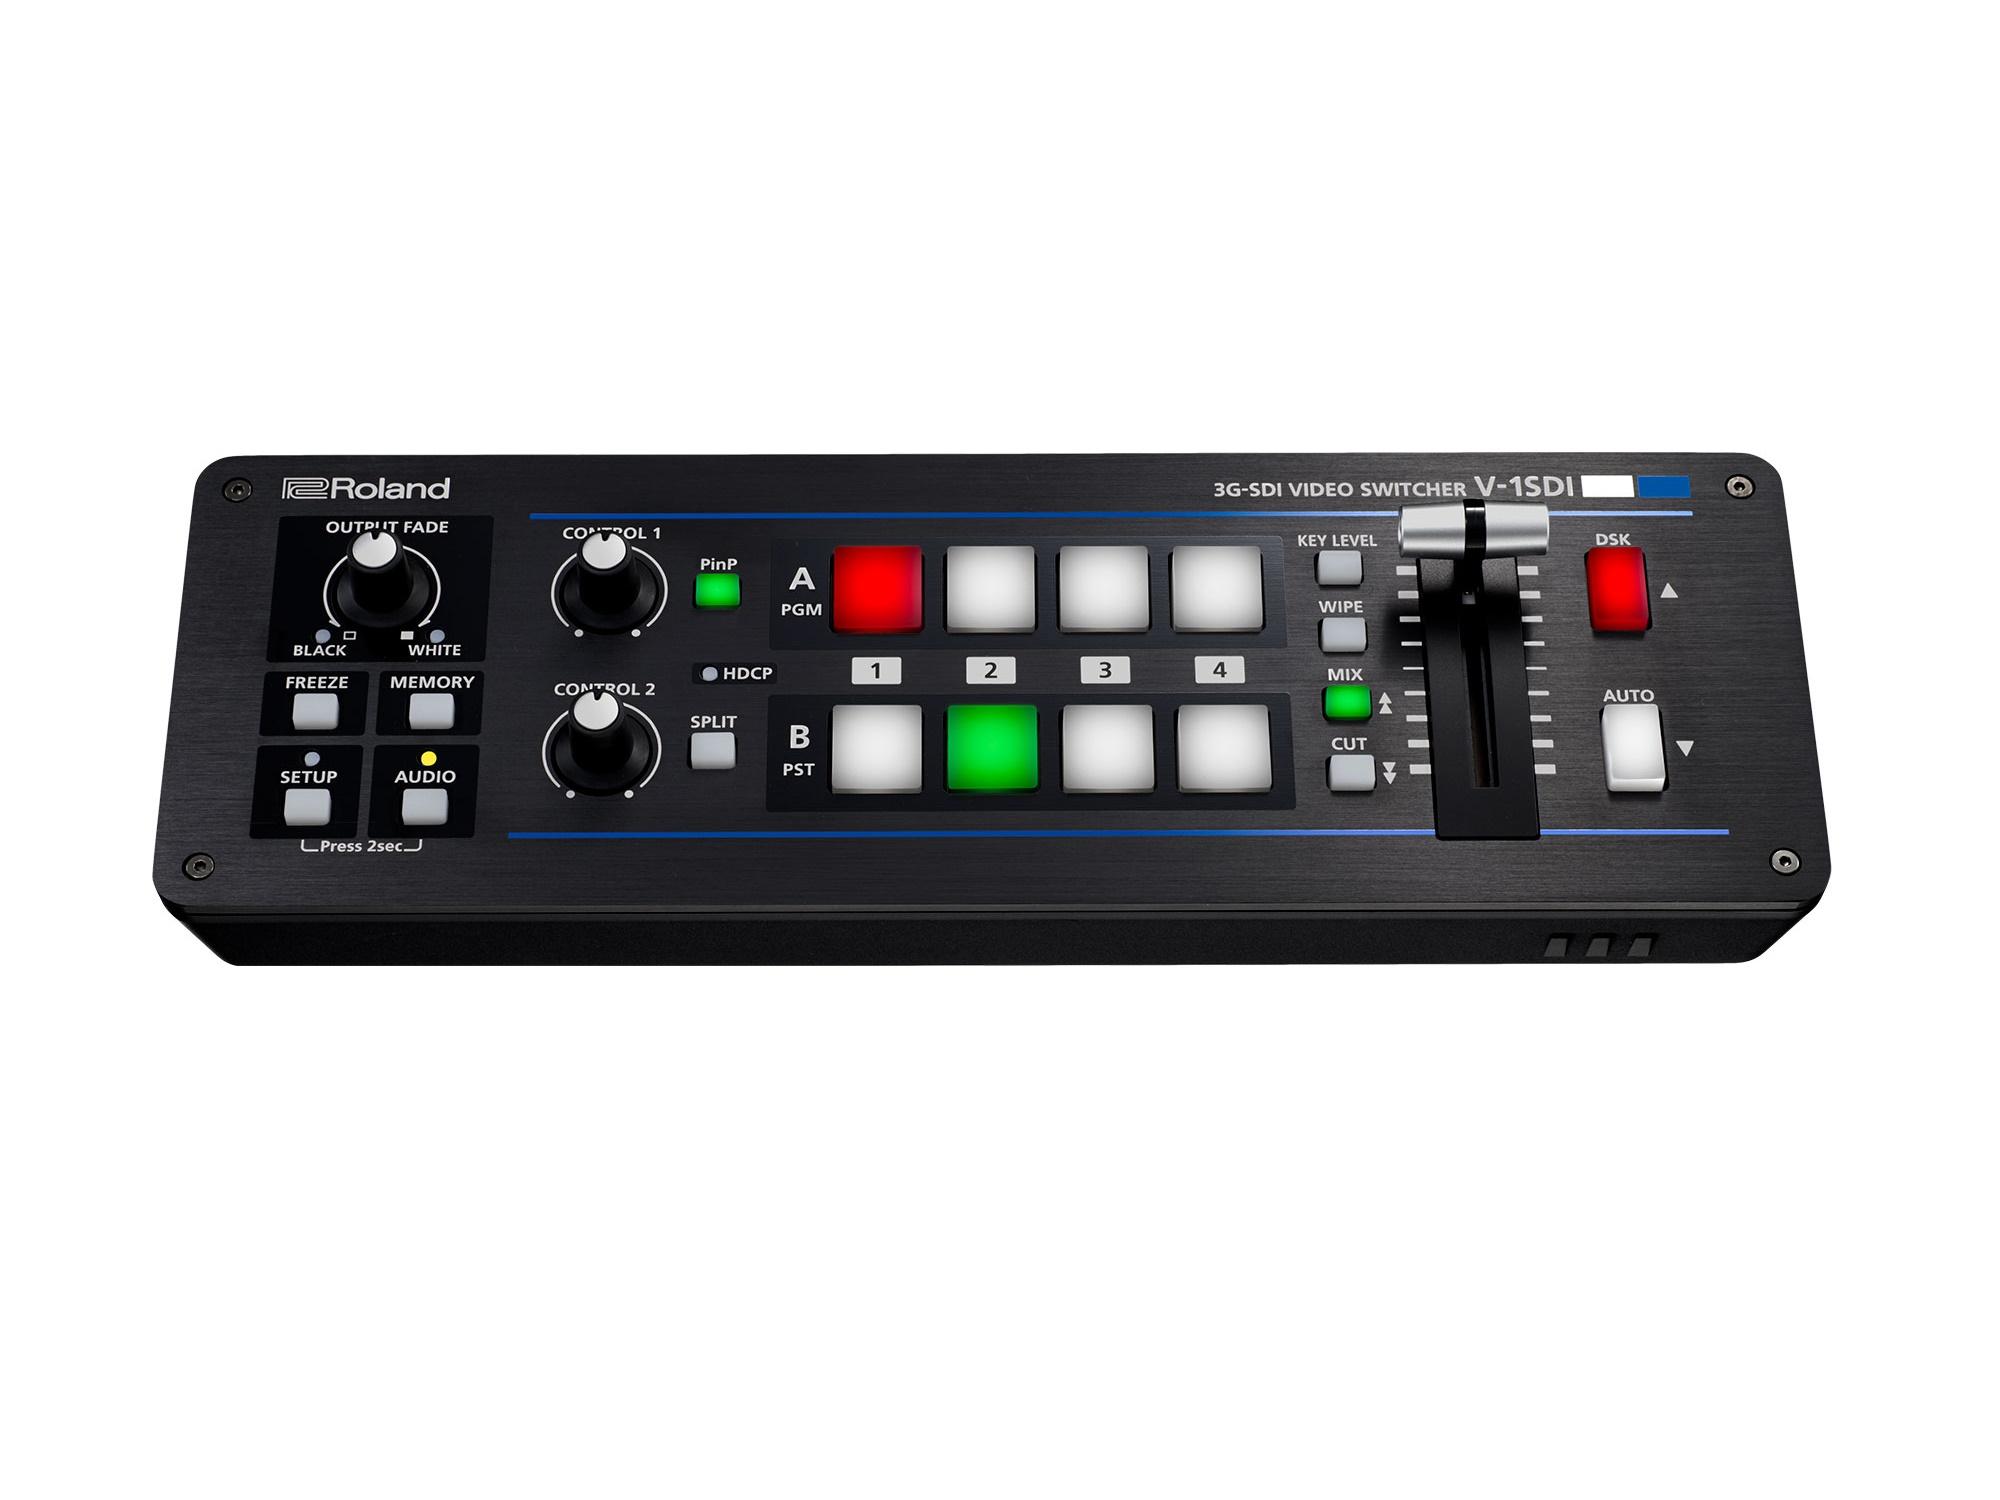 Roland V-1SDI 4-Channel SDI/HDMI 3G-SDI Video Switcher